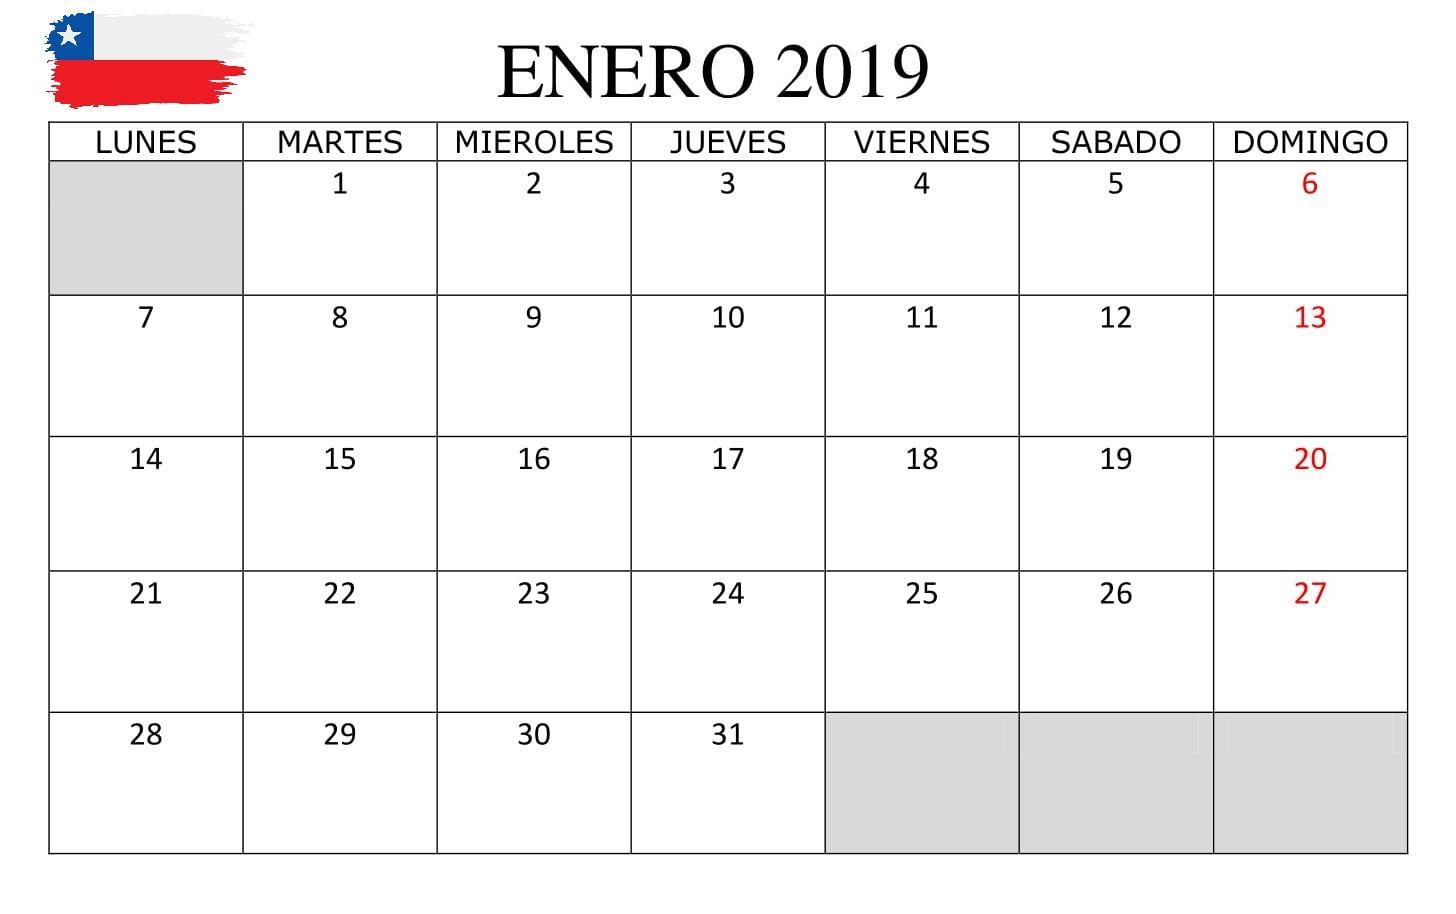 Calendario Diciembre 2019 Chile.Calendario Enero 2019 Chile Calendario Enero 2019 Chile